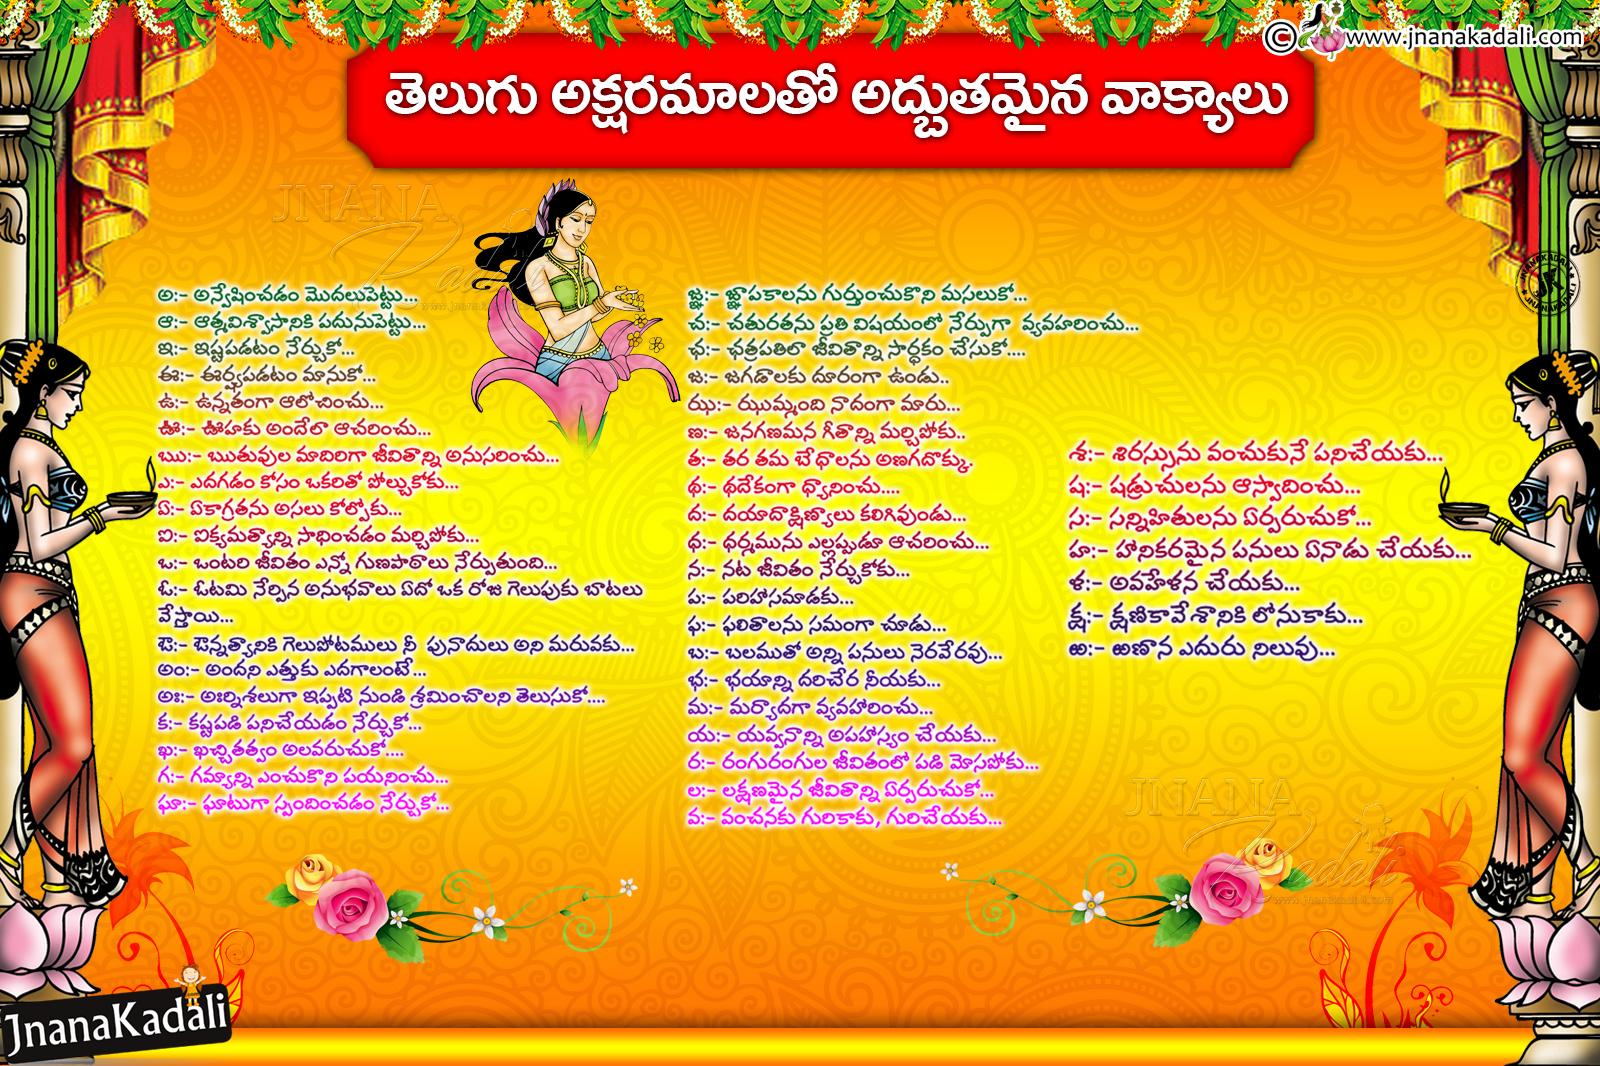 Telugu In Telugu Language: Telugu Chandhassu,vattulu,Telugu